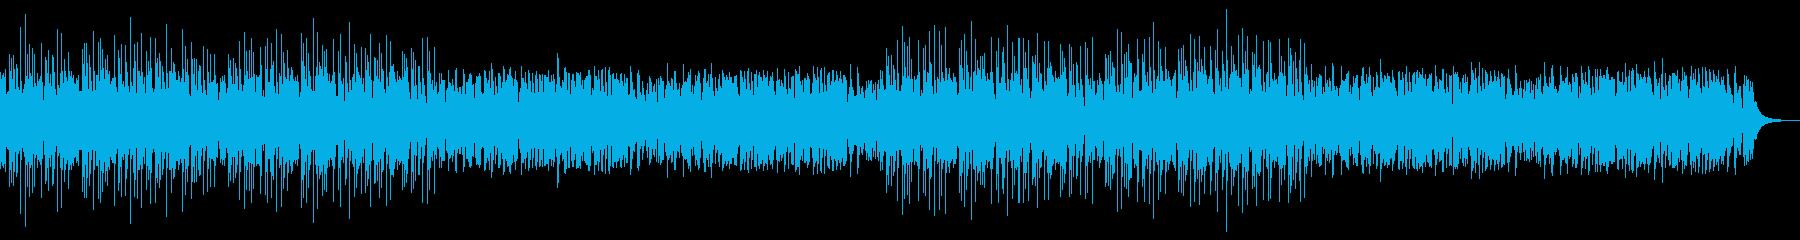 かわいいフューチャーベースエンディングの再生済みの波形